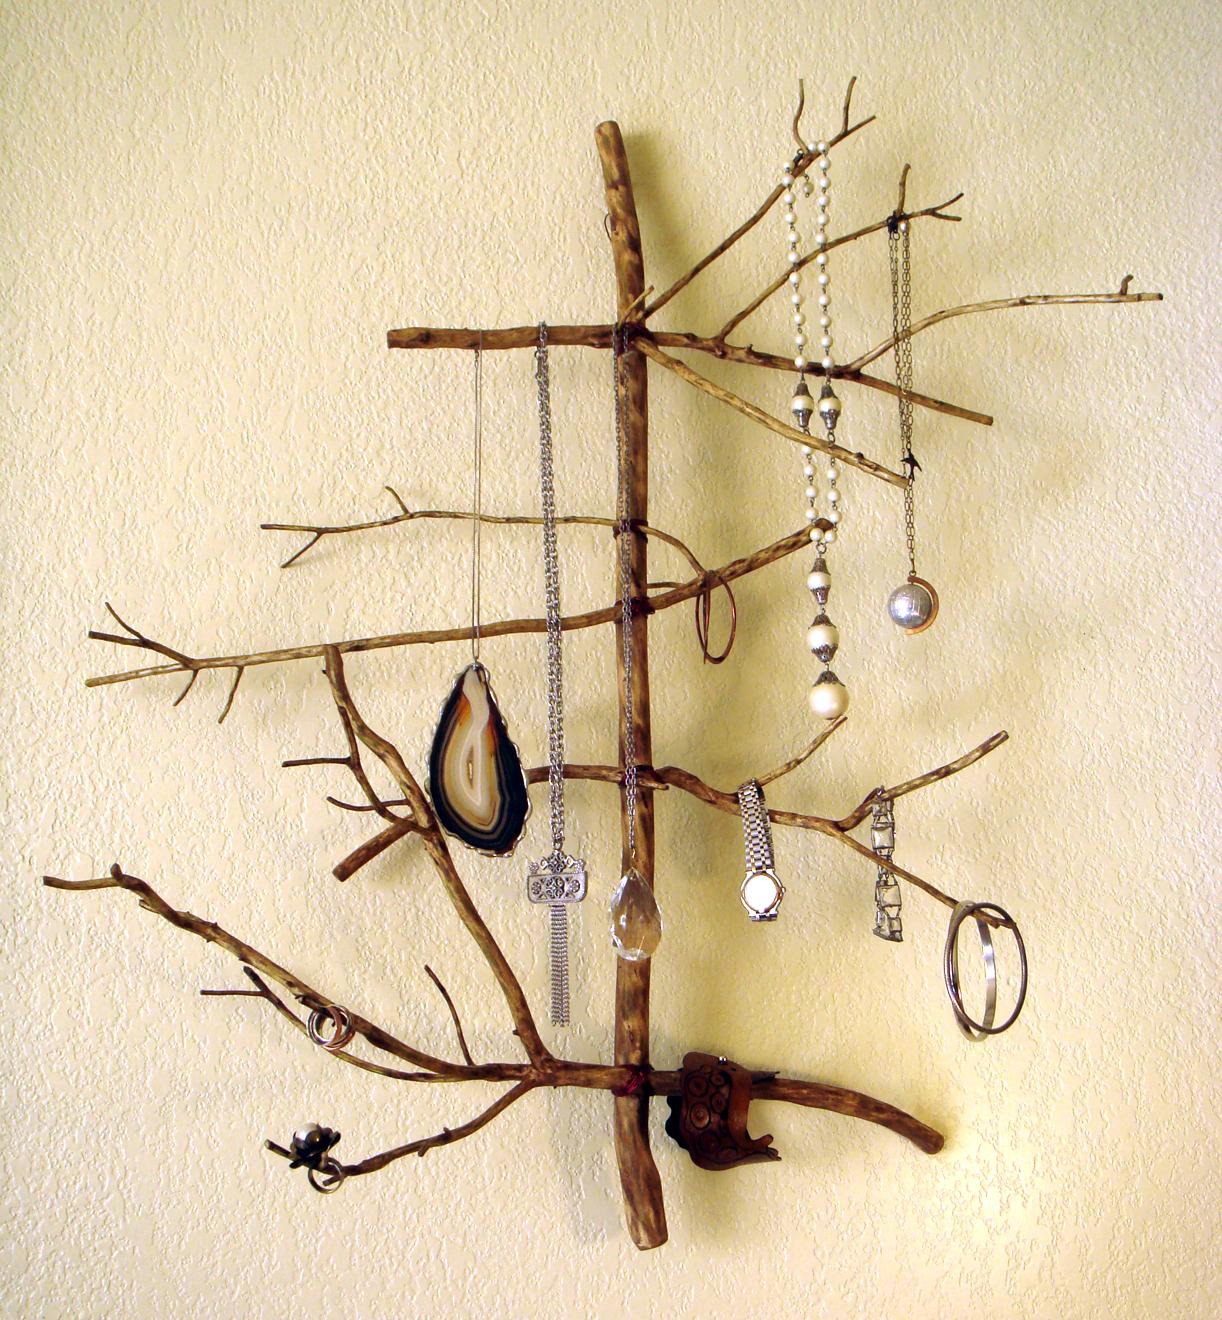 То, что ветки очень удобны для хранения украшений, знали давно. В последние  годы на прилавках магазинов немало держателей в форме деревьев, а у  большинства ... b0fa5800697